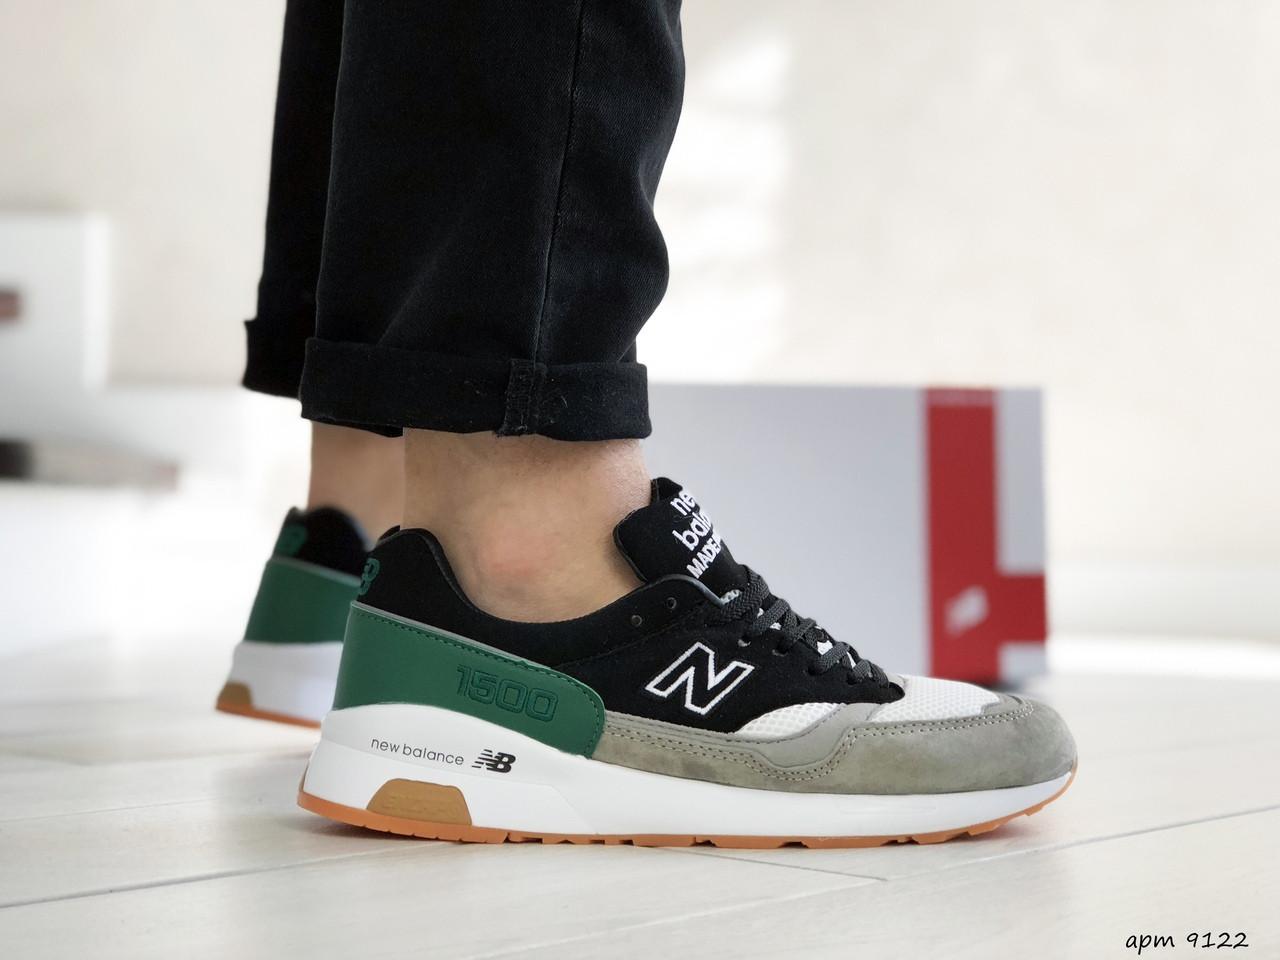 Мужские кроссовки New Balance 1500,черные с серым/зеленым